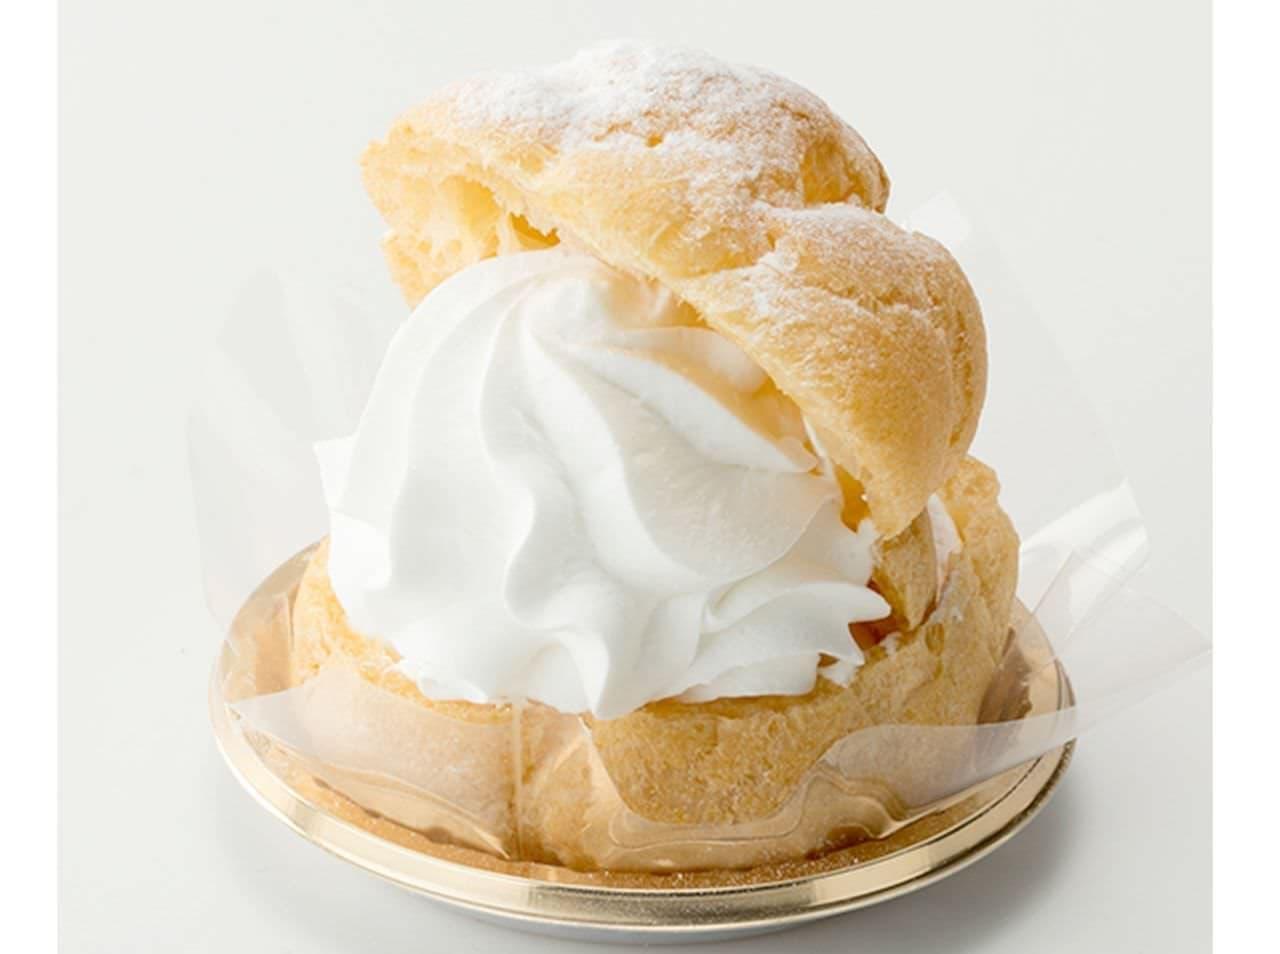 シャトレーゼ「糖質50%カットデザートシュー ~スフレチーズケーキ入り~」